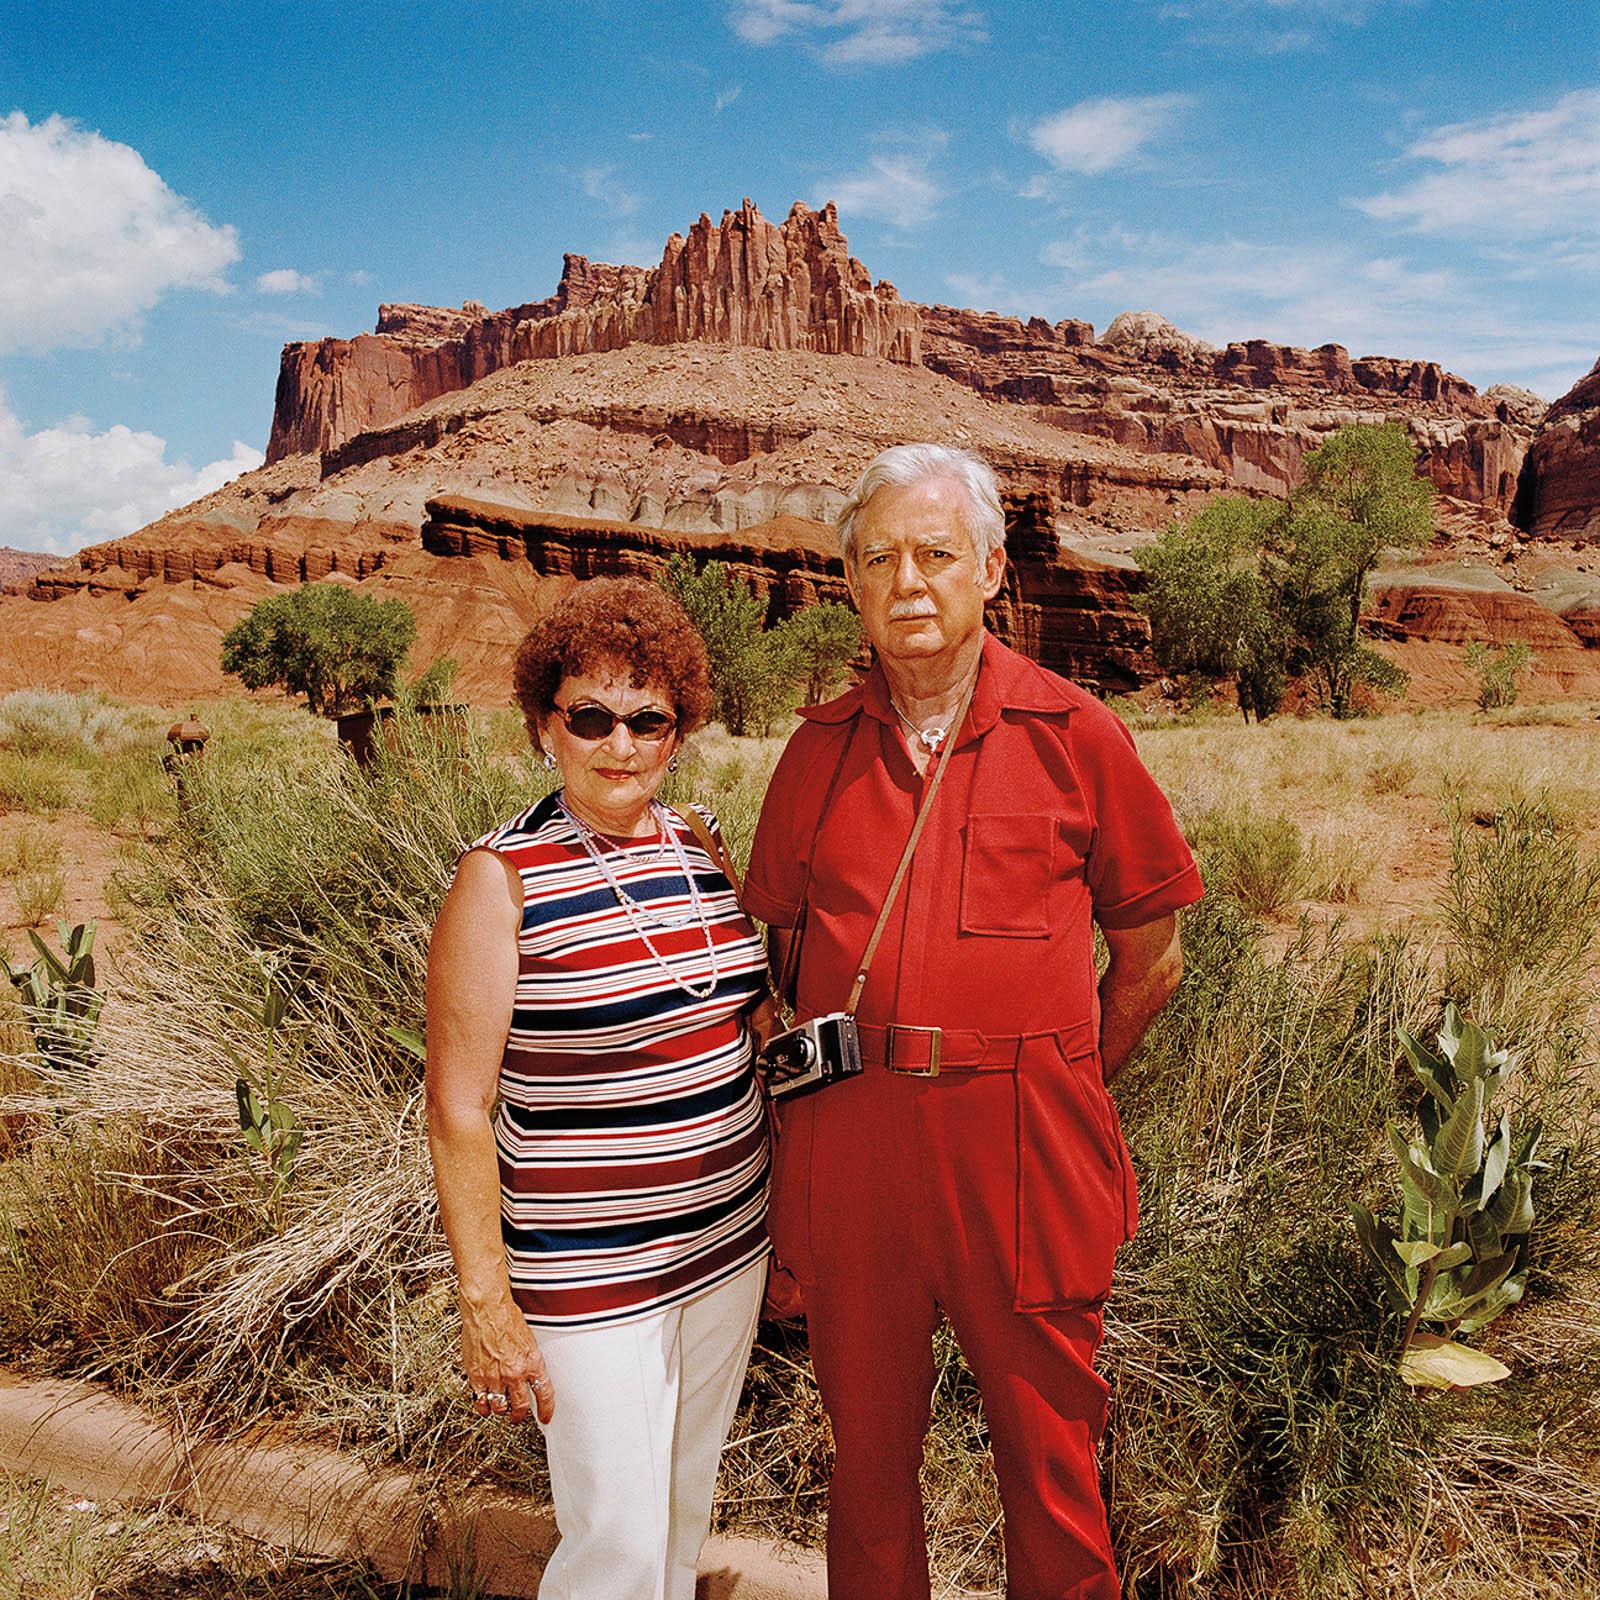 Couple at Capitol Reef National Park, Utah 1980